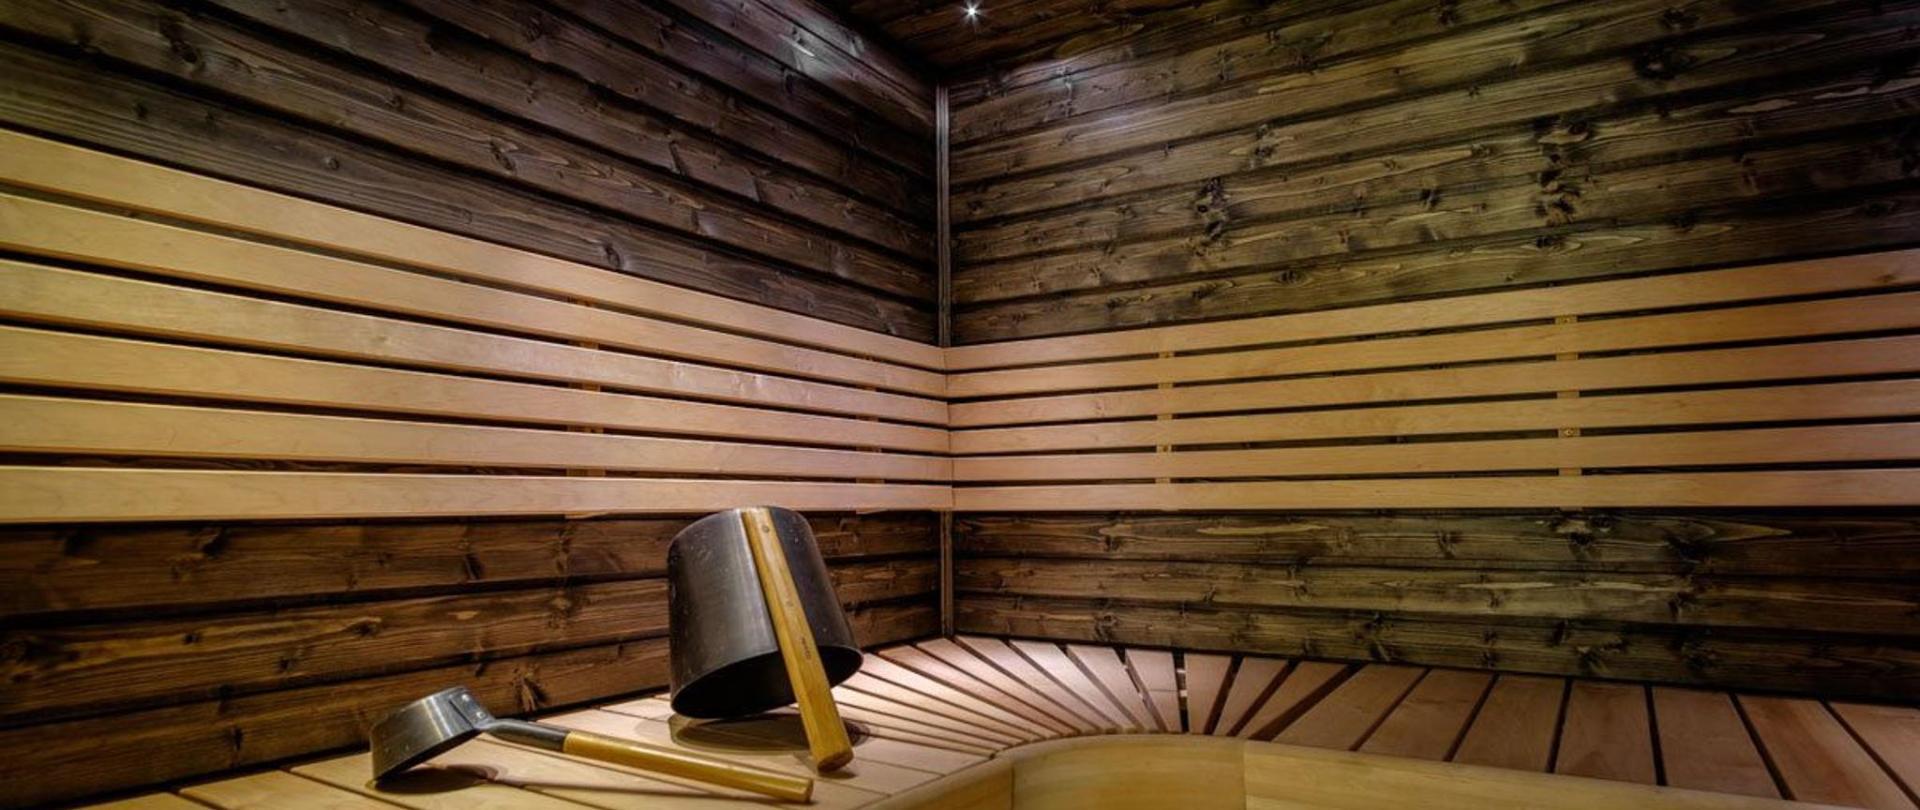 kultahippu-sauna-nettisivut-5-4.jpg